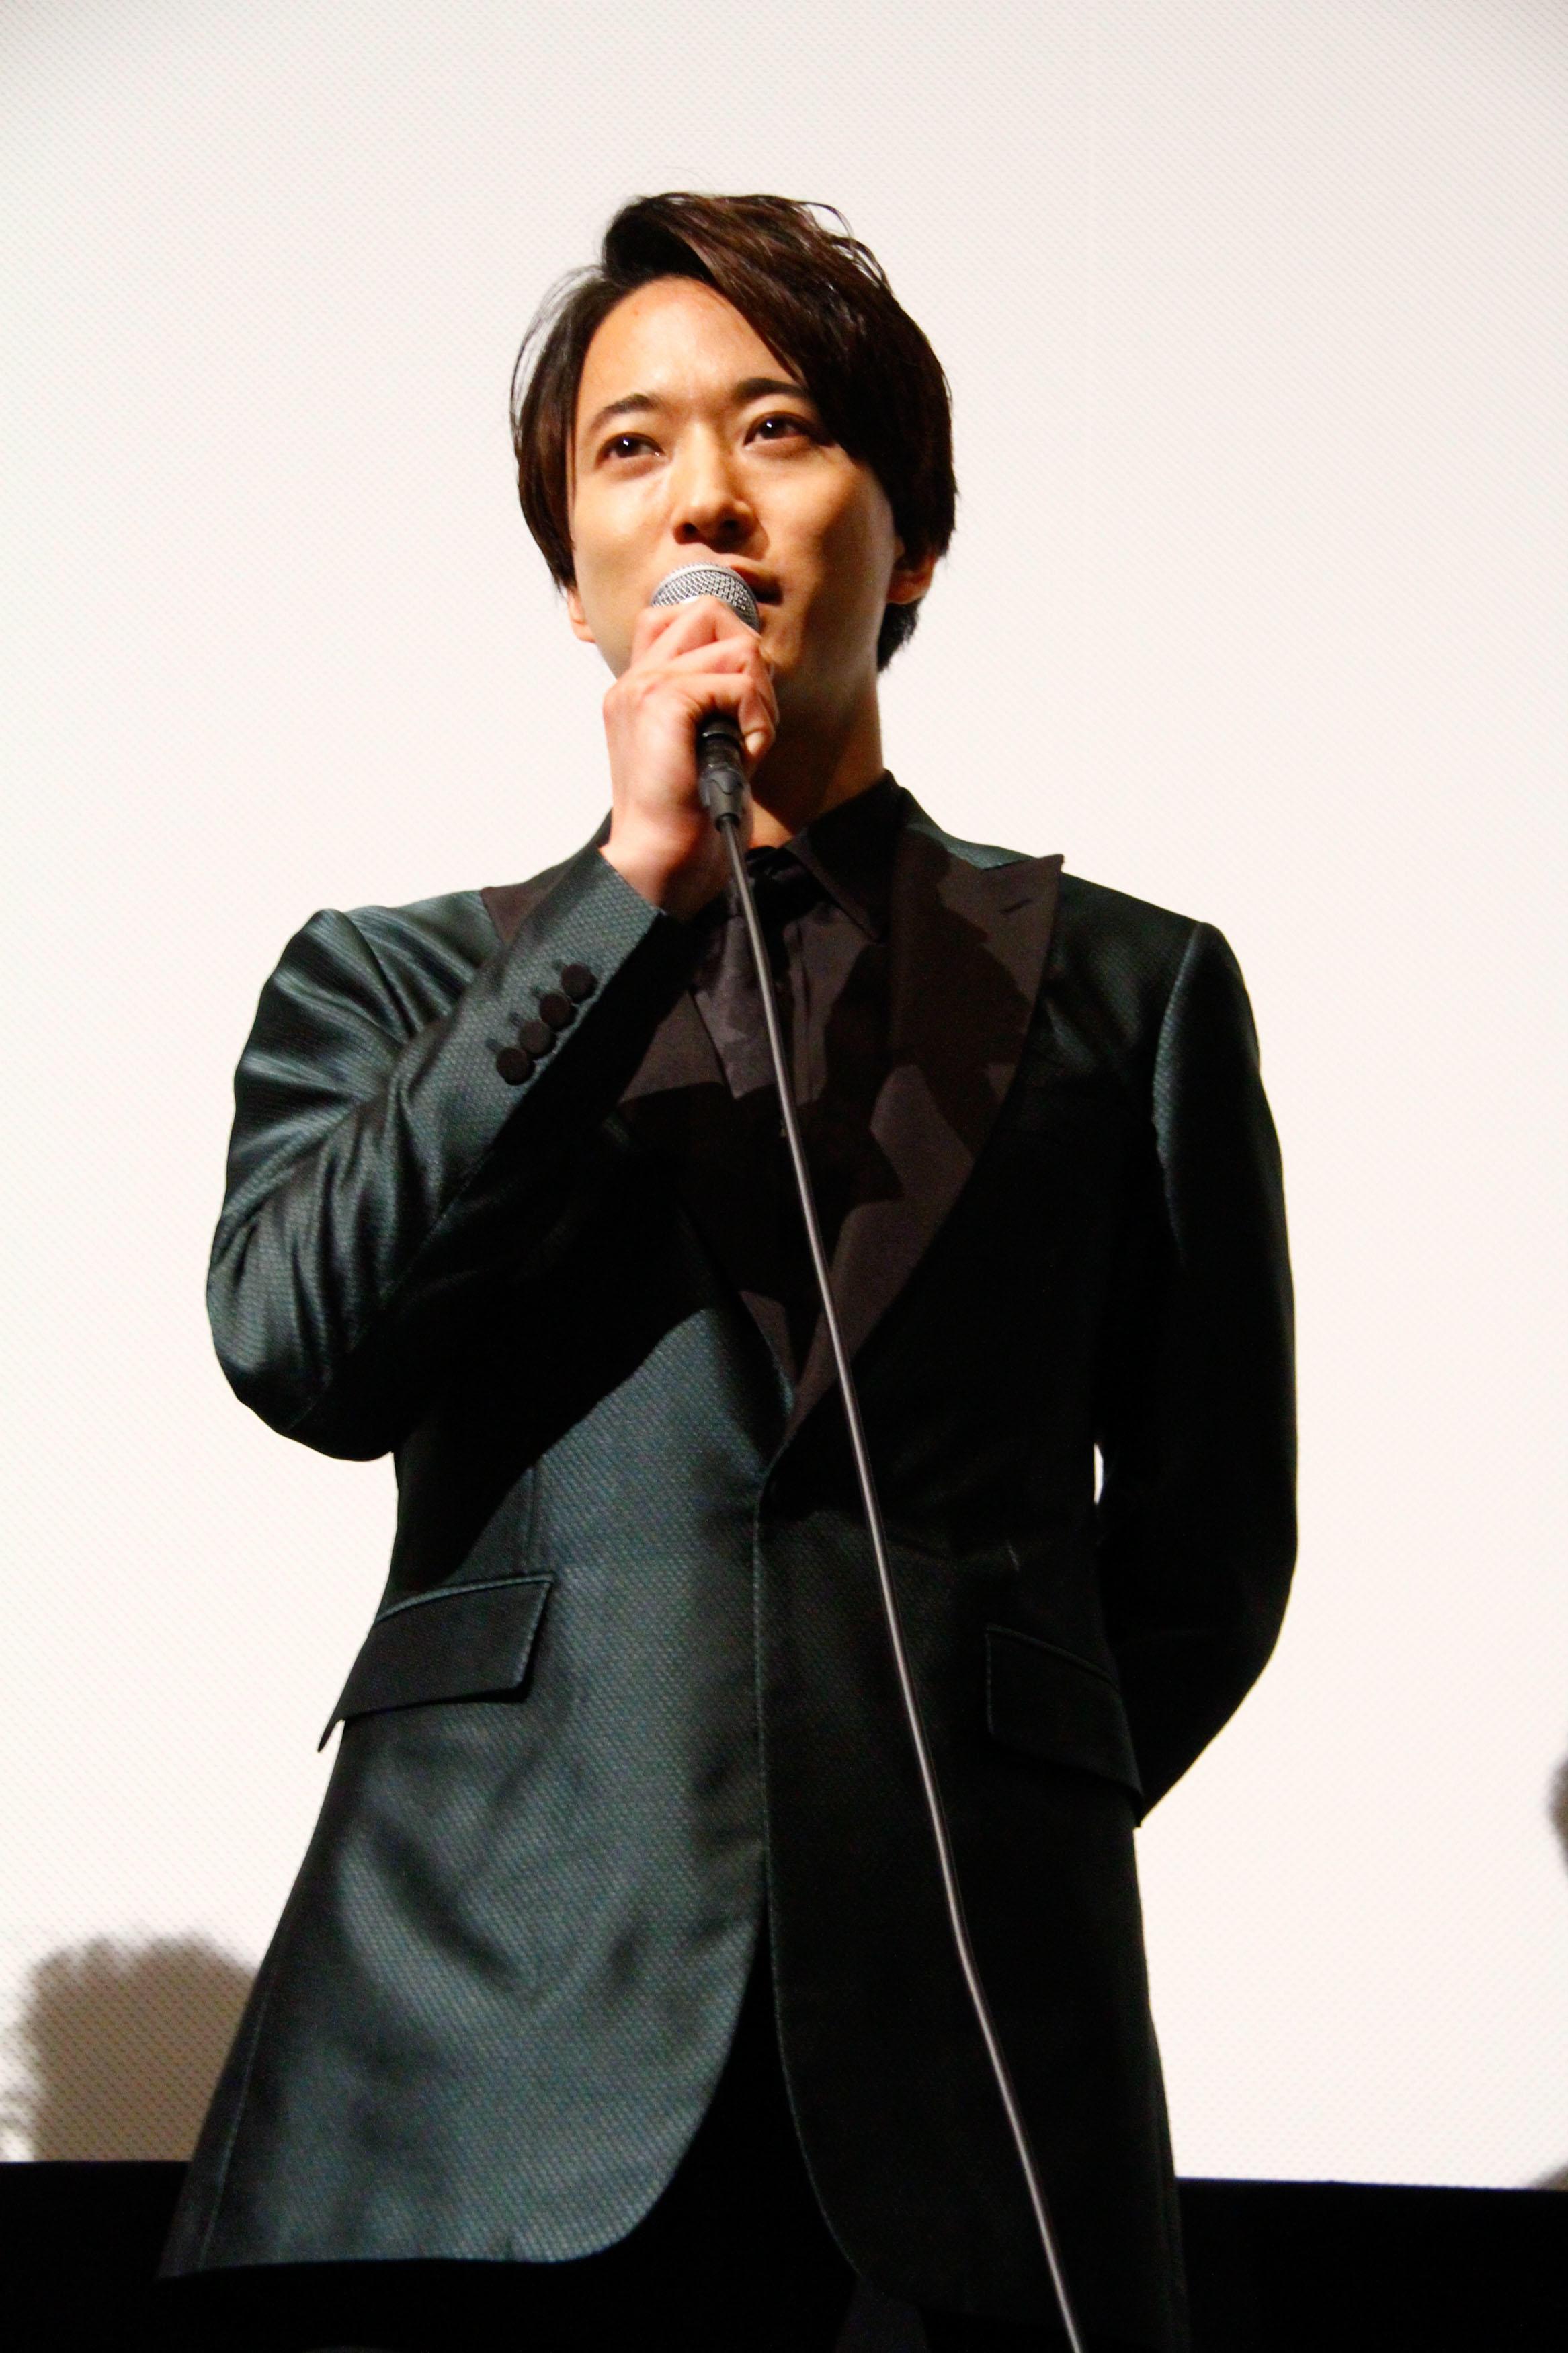 http://news.yoshimoto.co.jp/20180331233833-0648e4169c97f7703661aad36b0ffc62b8562d9b.jpg